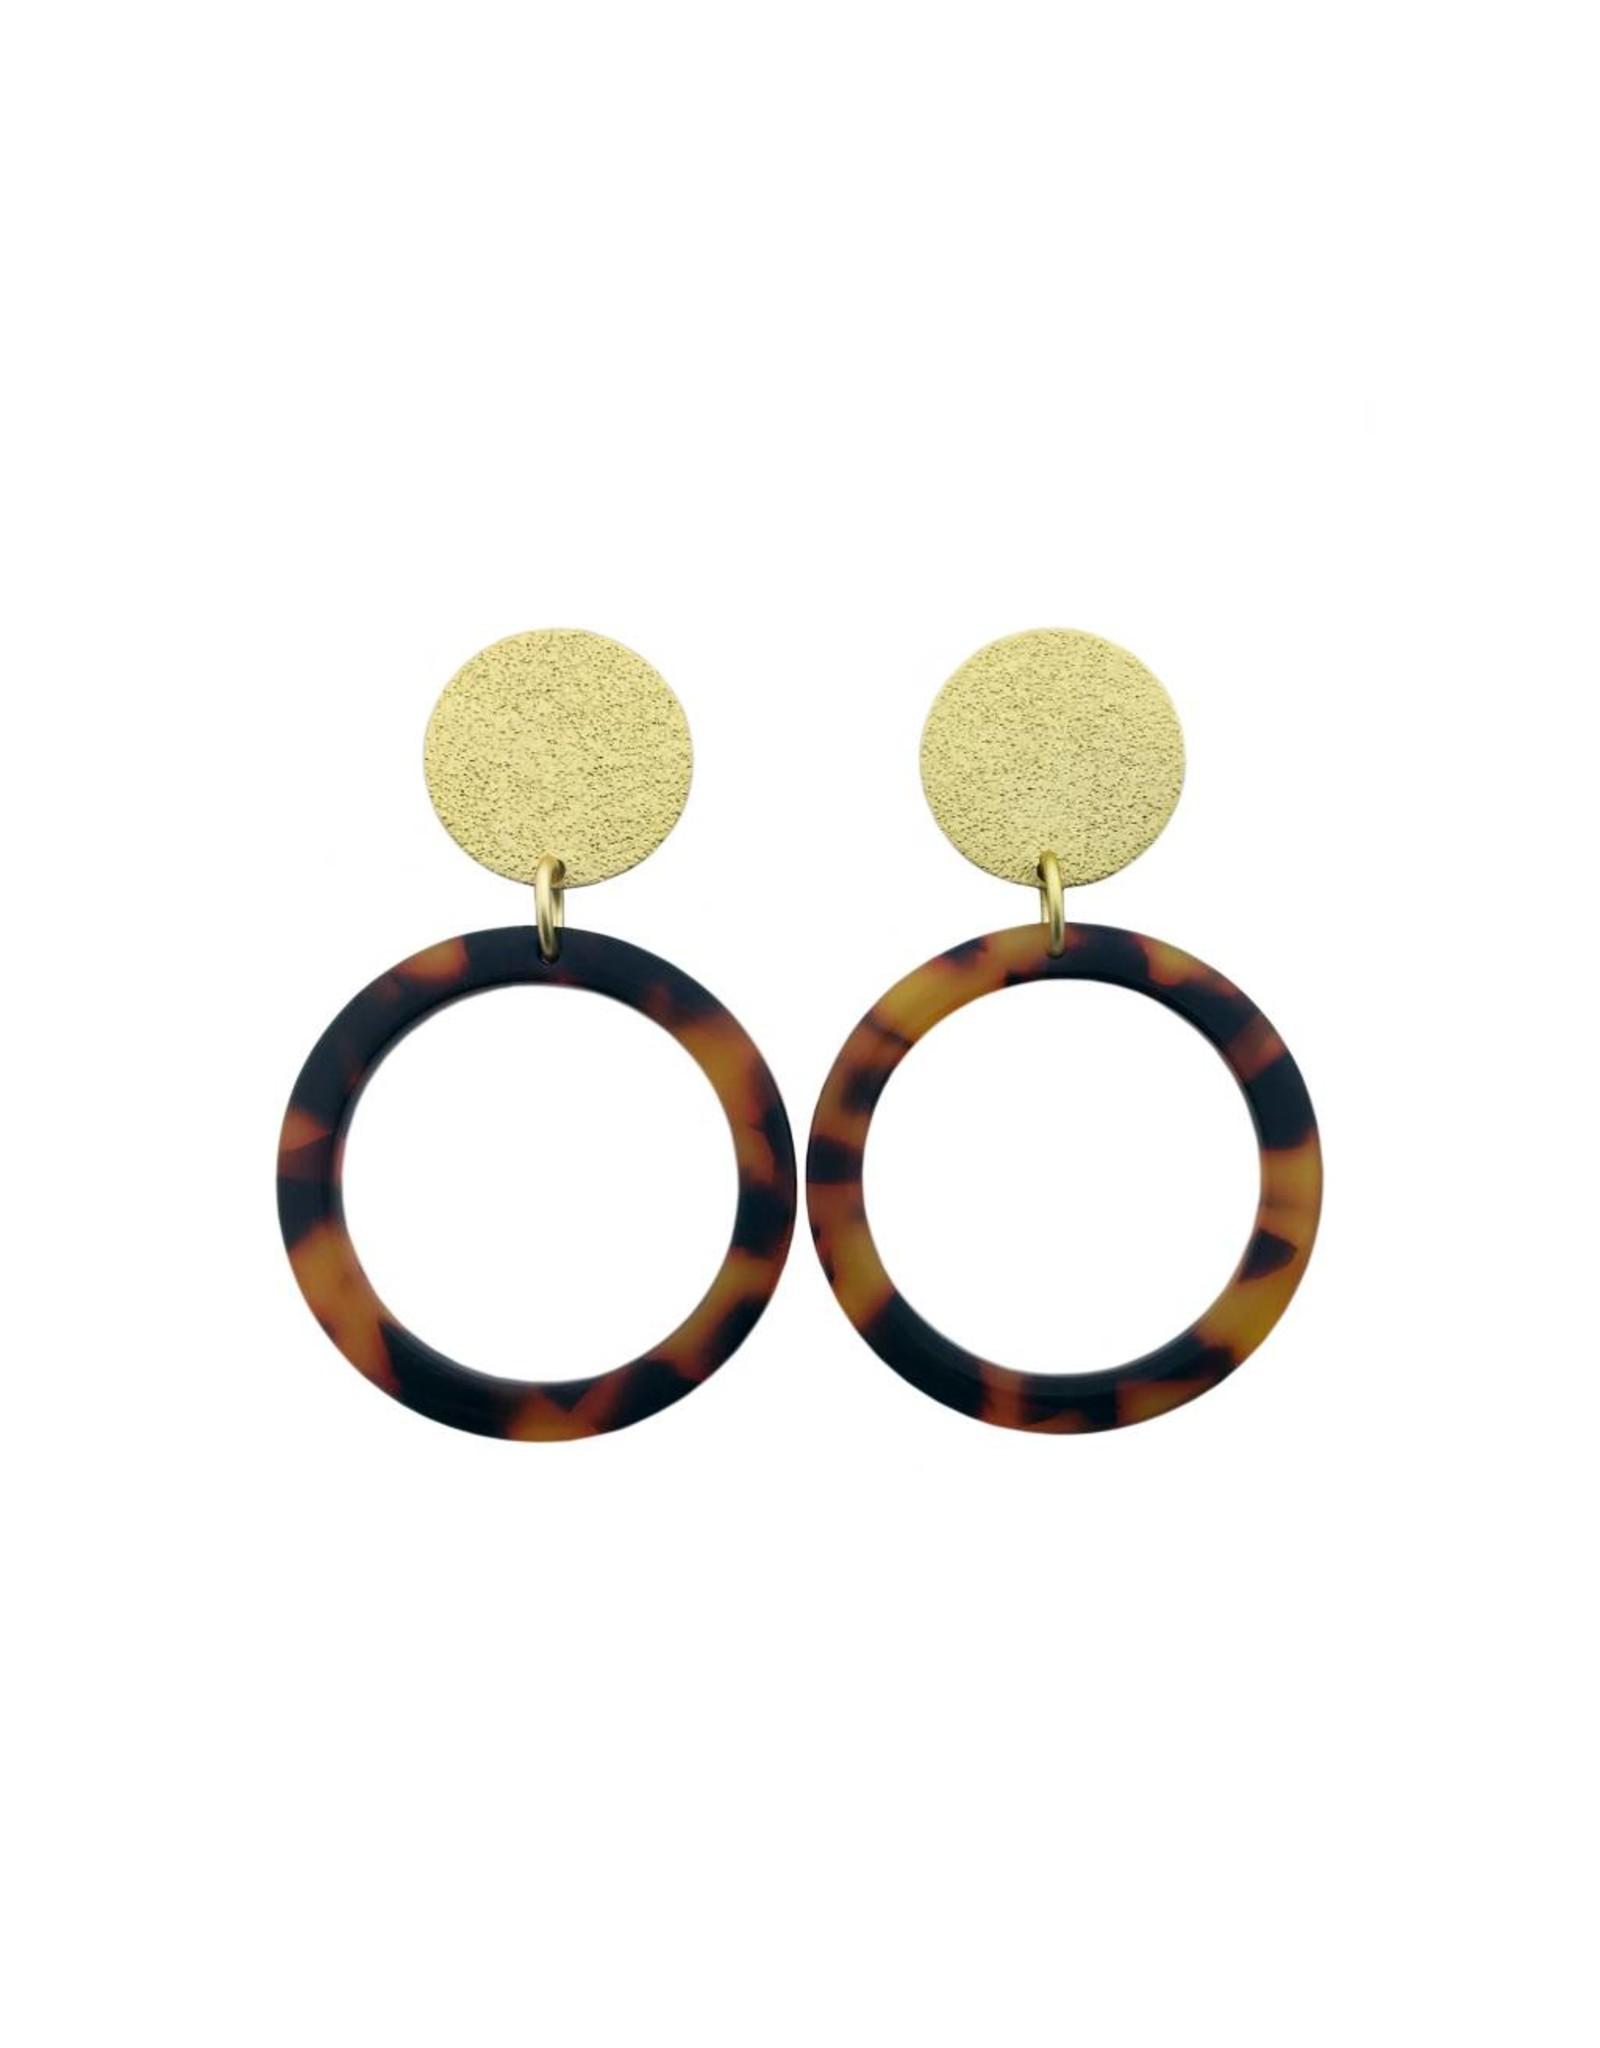 oorbEllen acryl 20mm goud cirkel bruin